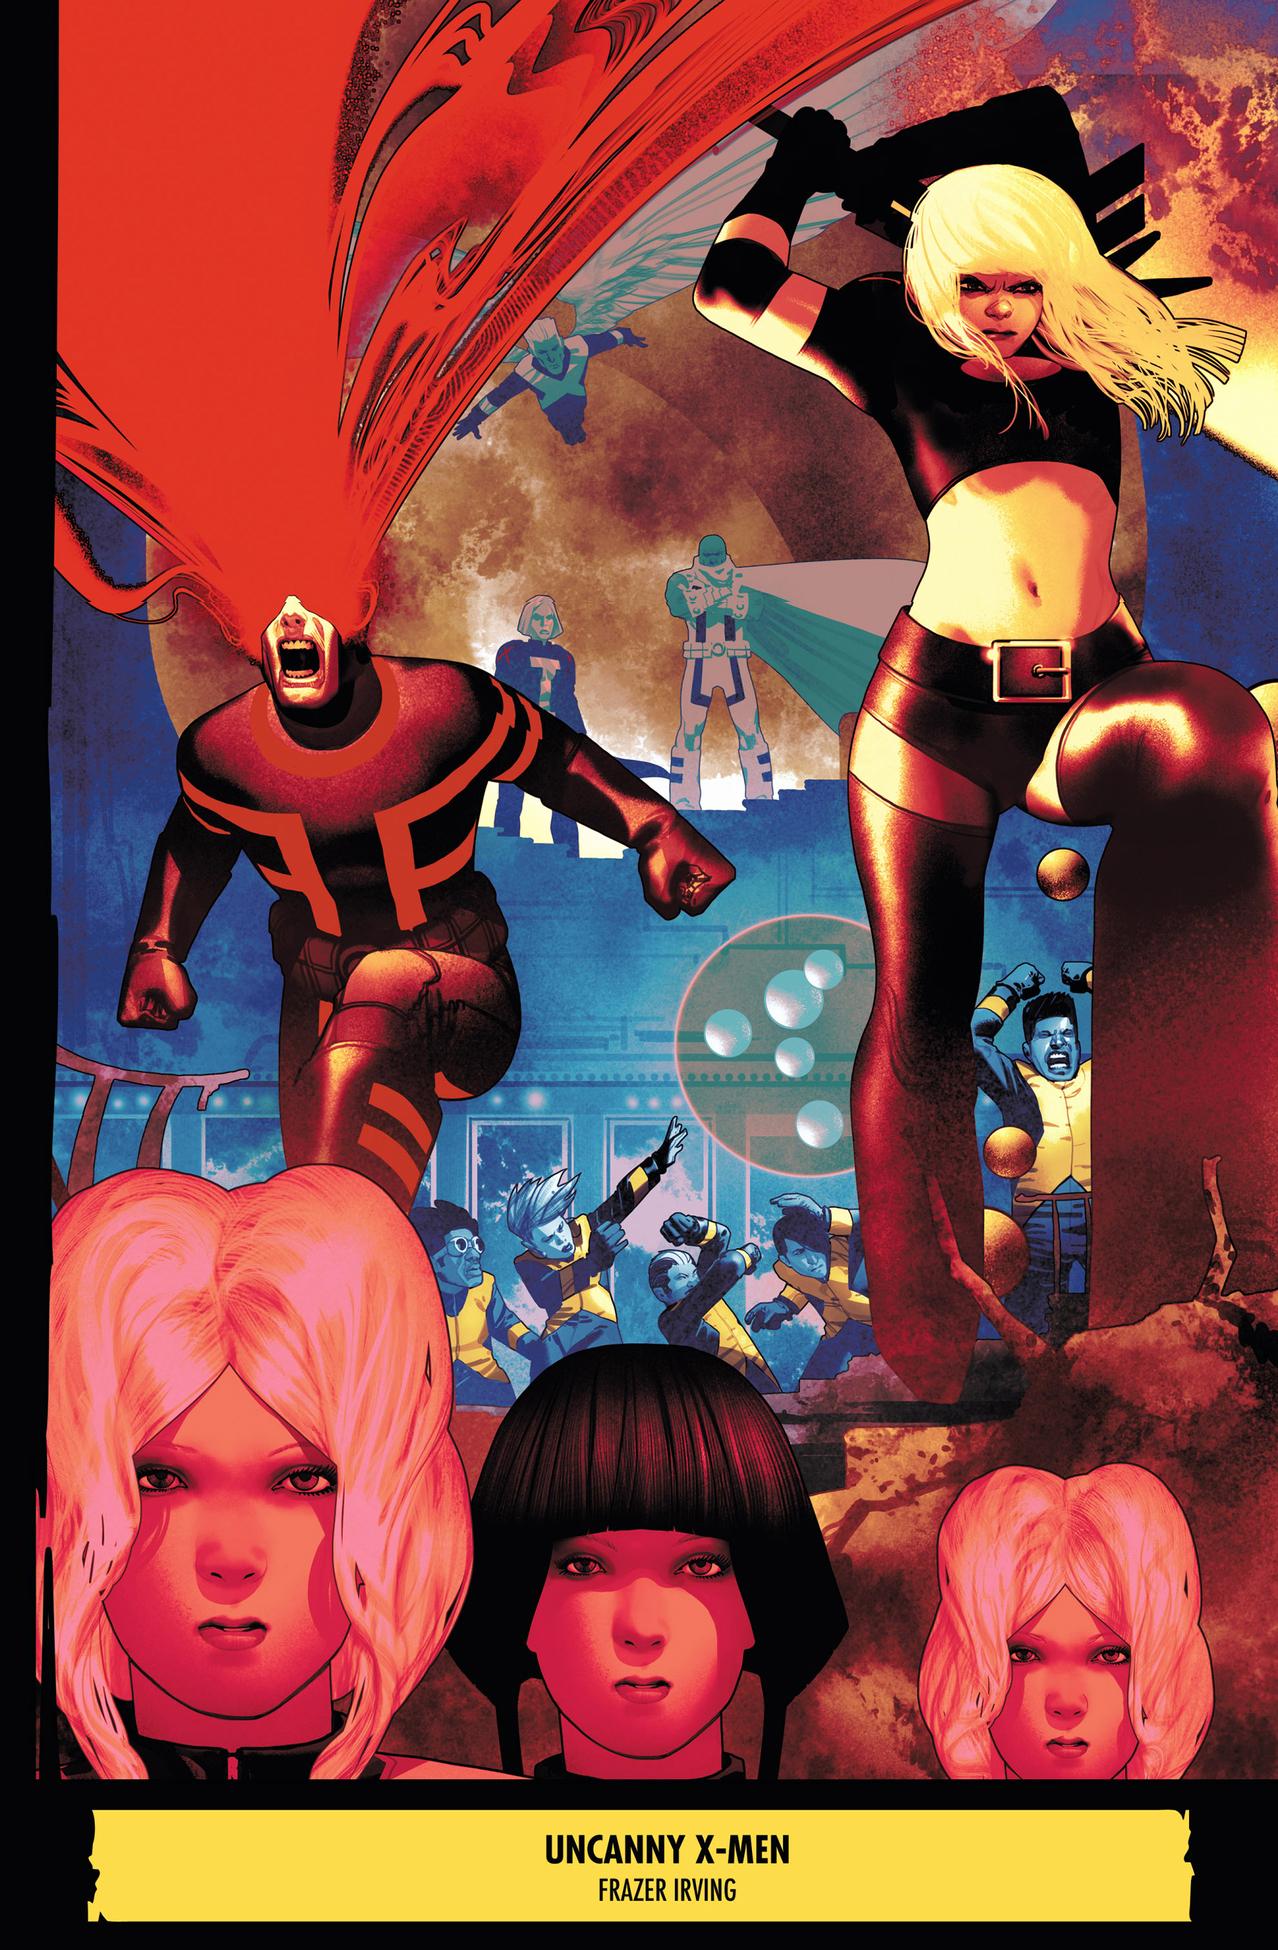 uncanny x-men team cyclops